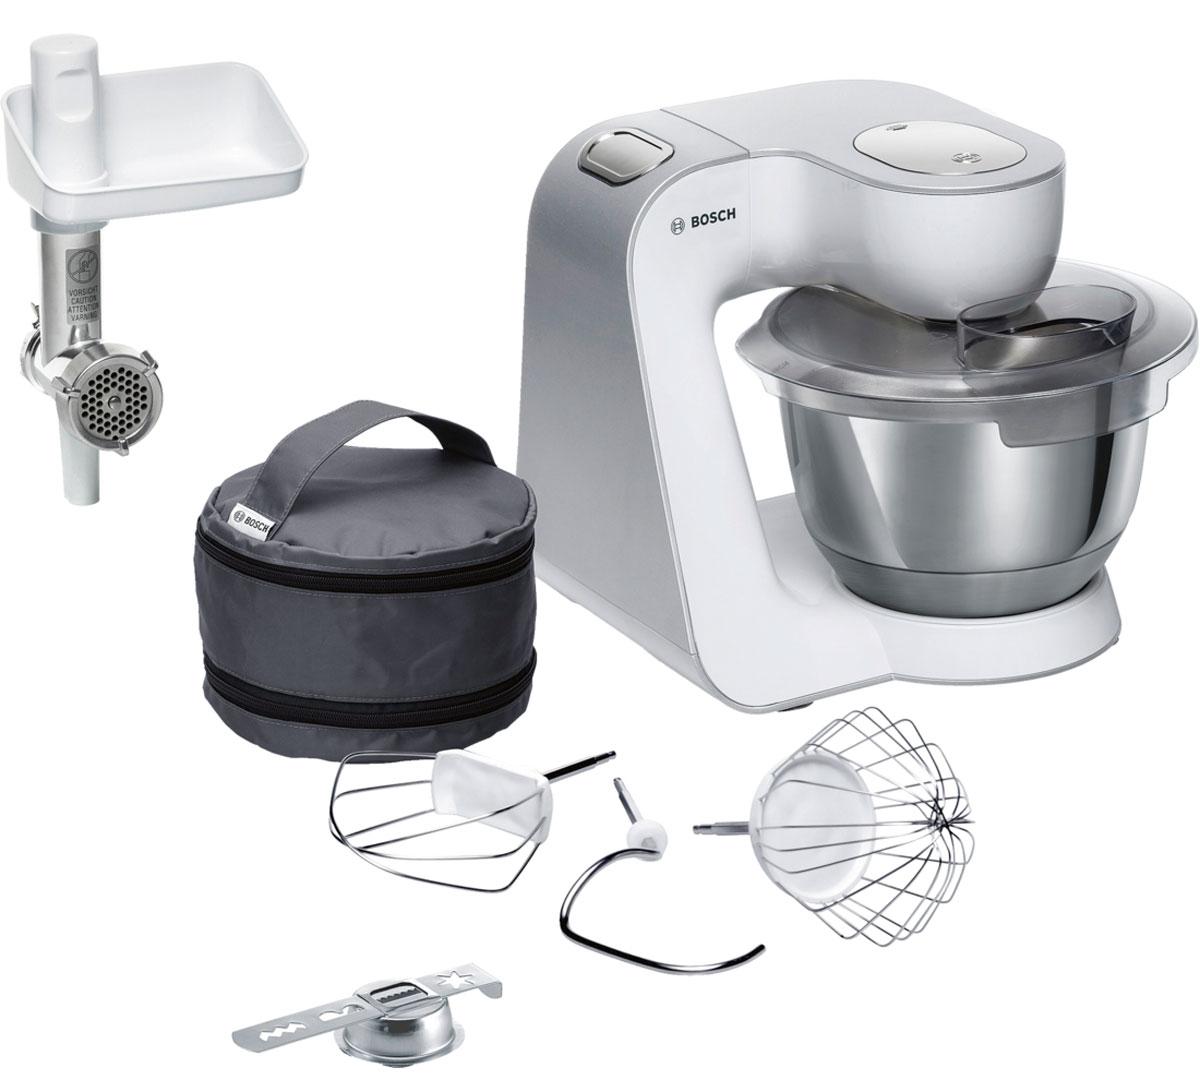 Bosch MUM58225, White кухонный комбайнMUM58225Мощная кухонная машина с многосторонними возможностями для готовки и выпечки. Легко обрабатывает большие количества ингредиентов (до 1 кг муки плюс ингредиенты) благодаря мощному мотору 1000 Вт. Отличное качество замеса теста благодаря особой форме внутренней поверхности чаши и благодаря планетарному вращению насадок в трех плоскостях 3D. Возможно замесить до 2,7 кг легкого теста/ 1,9 кг дрожжевого теста. Bosch MUM58225 простой и удобный в использовании благодаря функции автоматического поднятия рычага EasyArmLift.